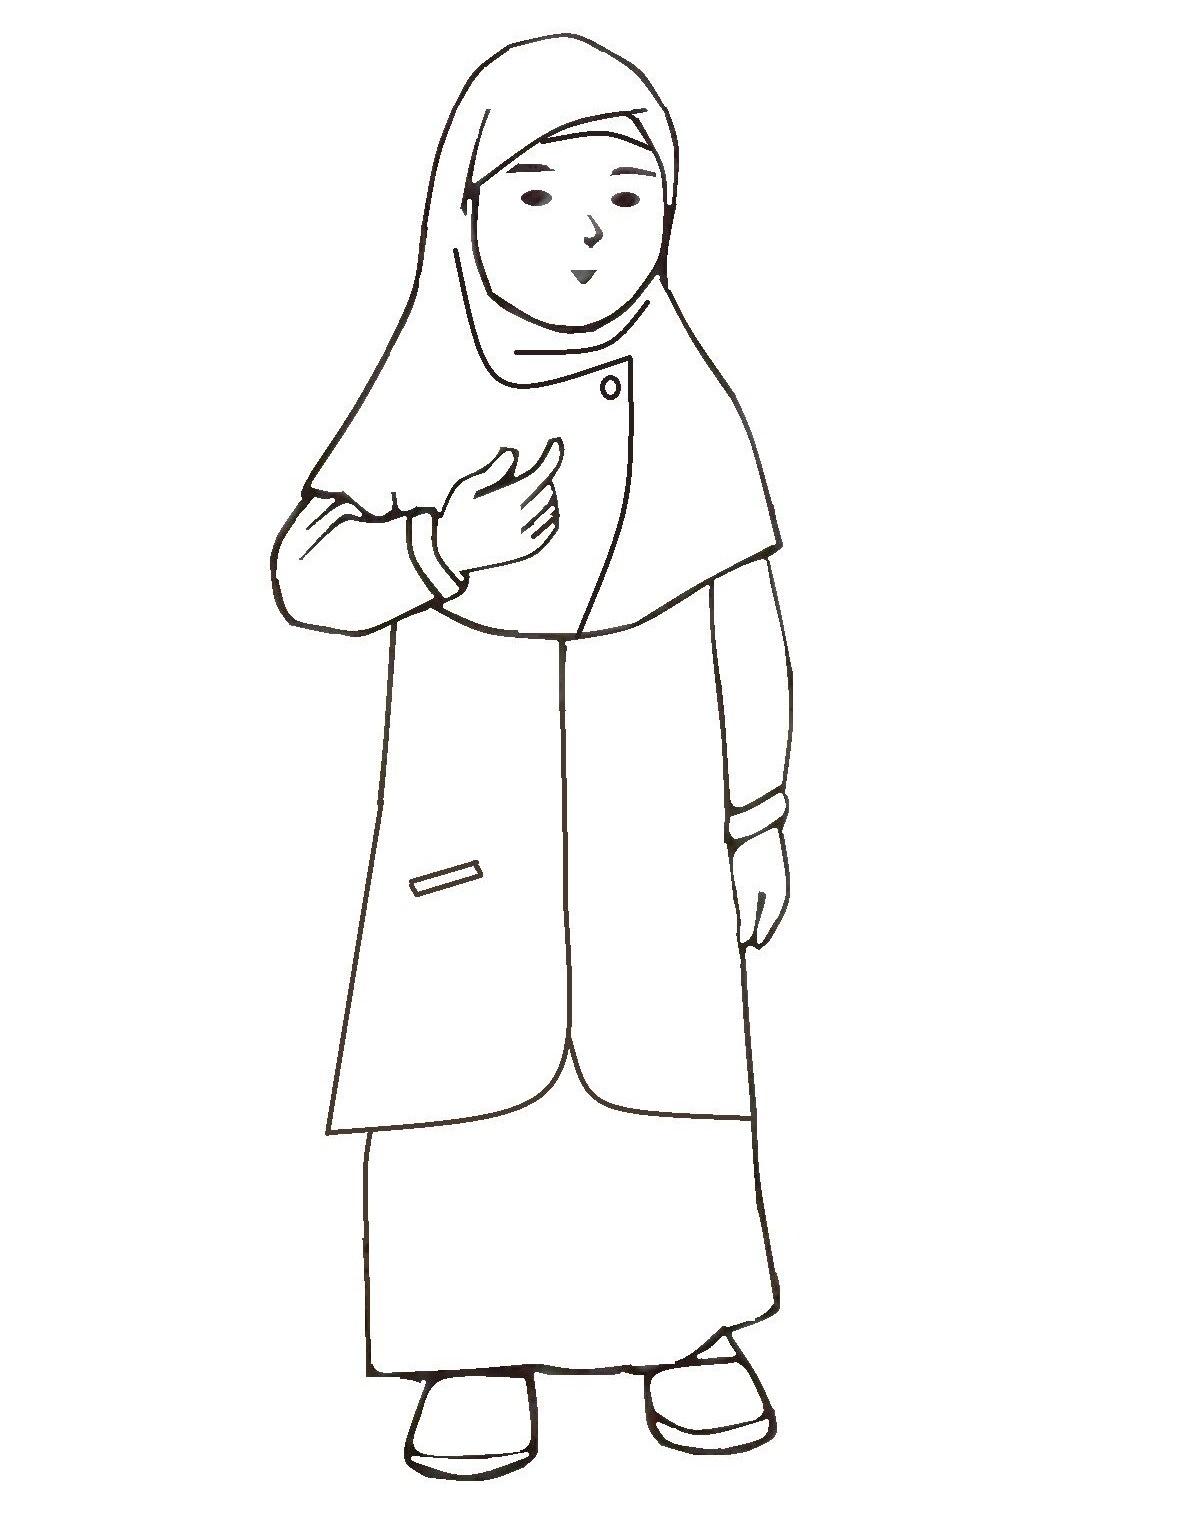 Gambar List Mewarnai Baju Ibu Pict Pictures Gambar Kartun Wanita